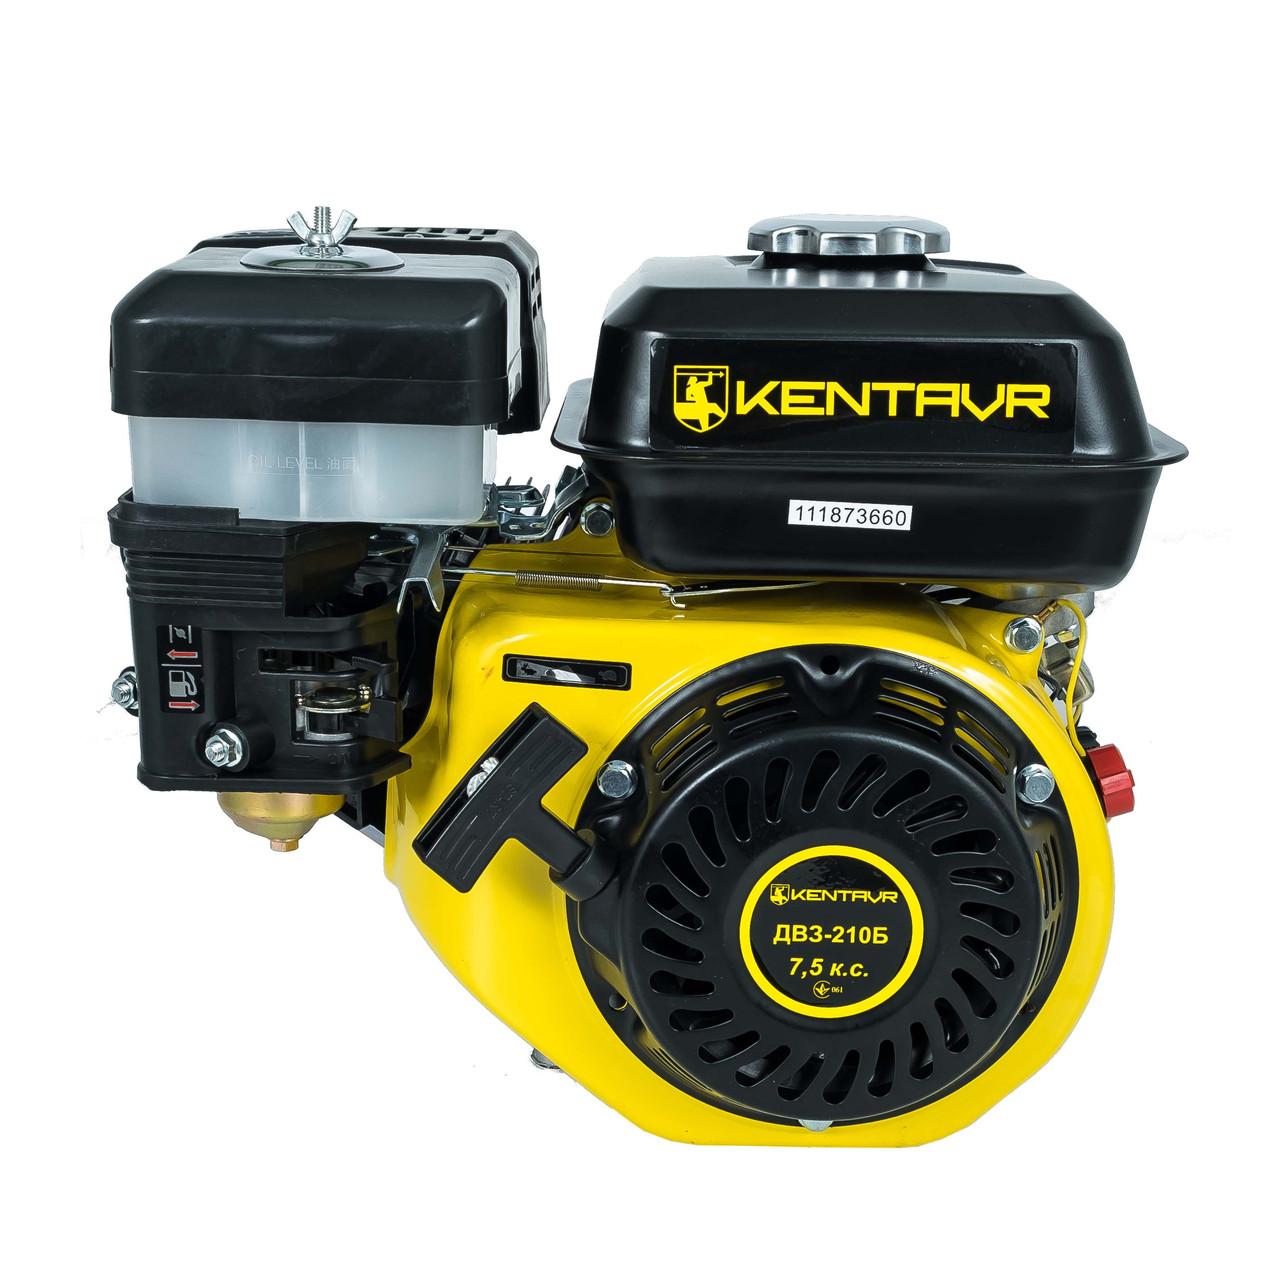 Двигатель бензин Кентавр ДВЗ-210Б